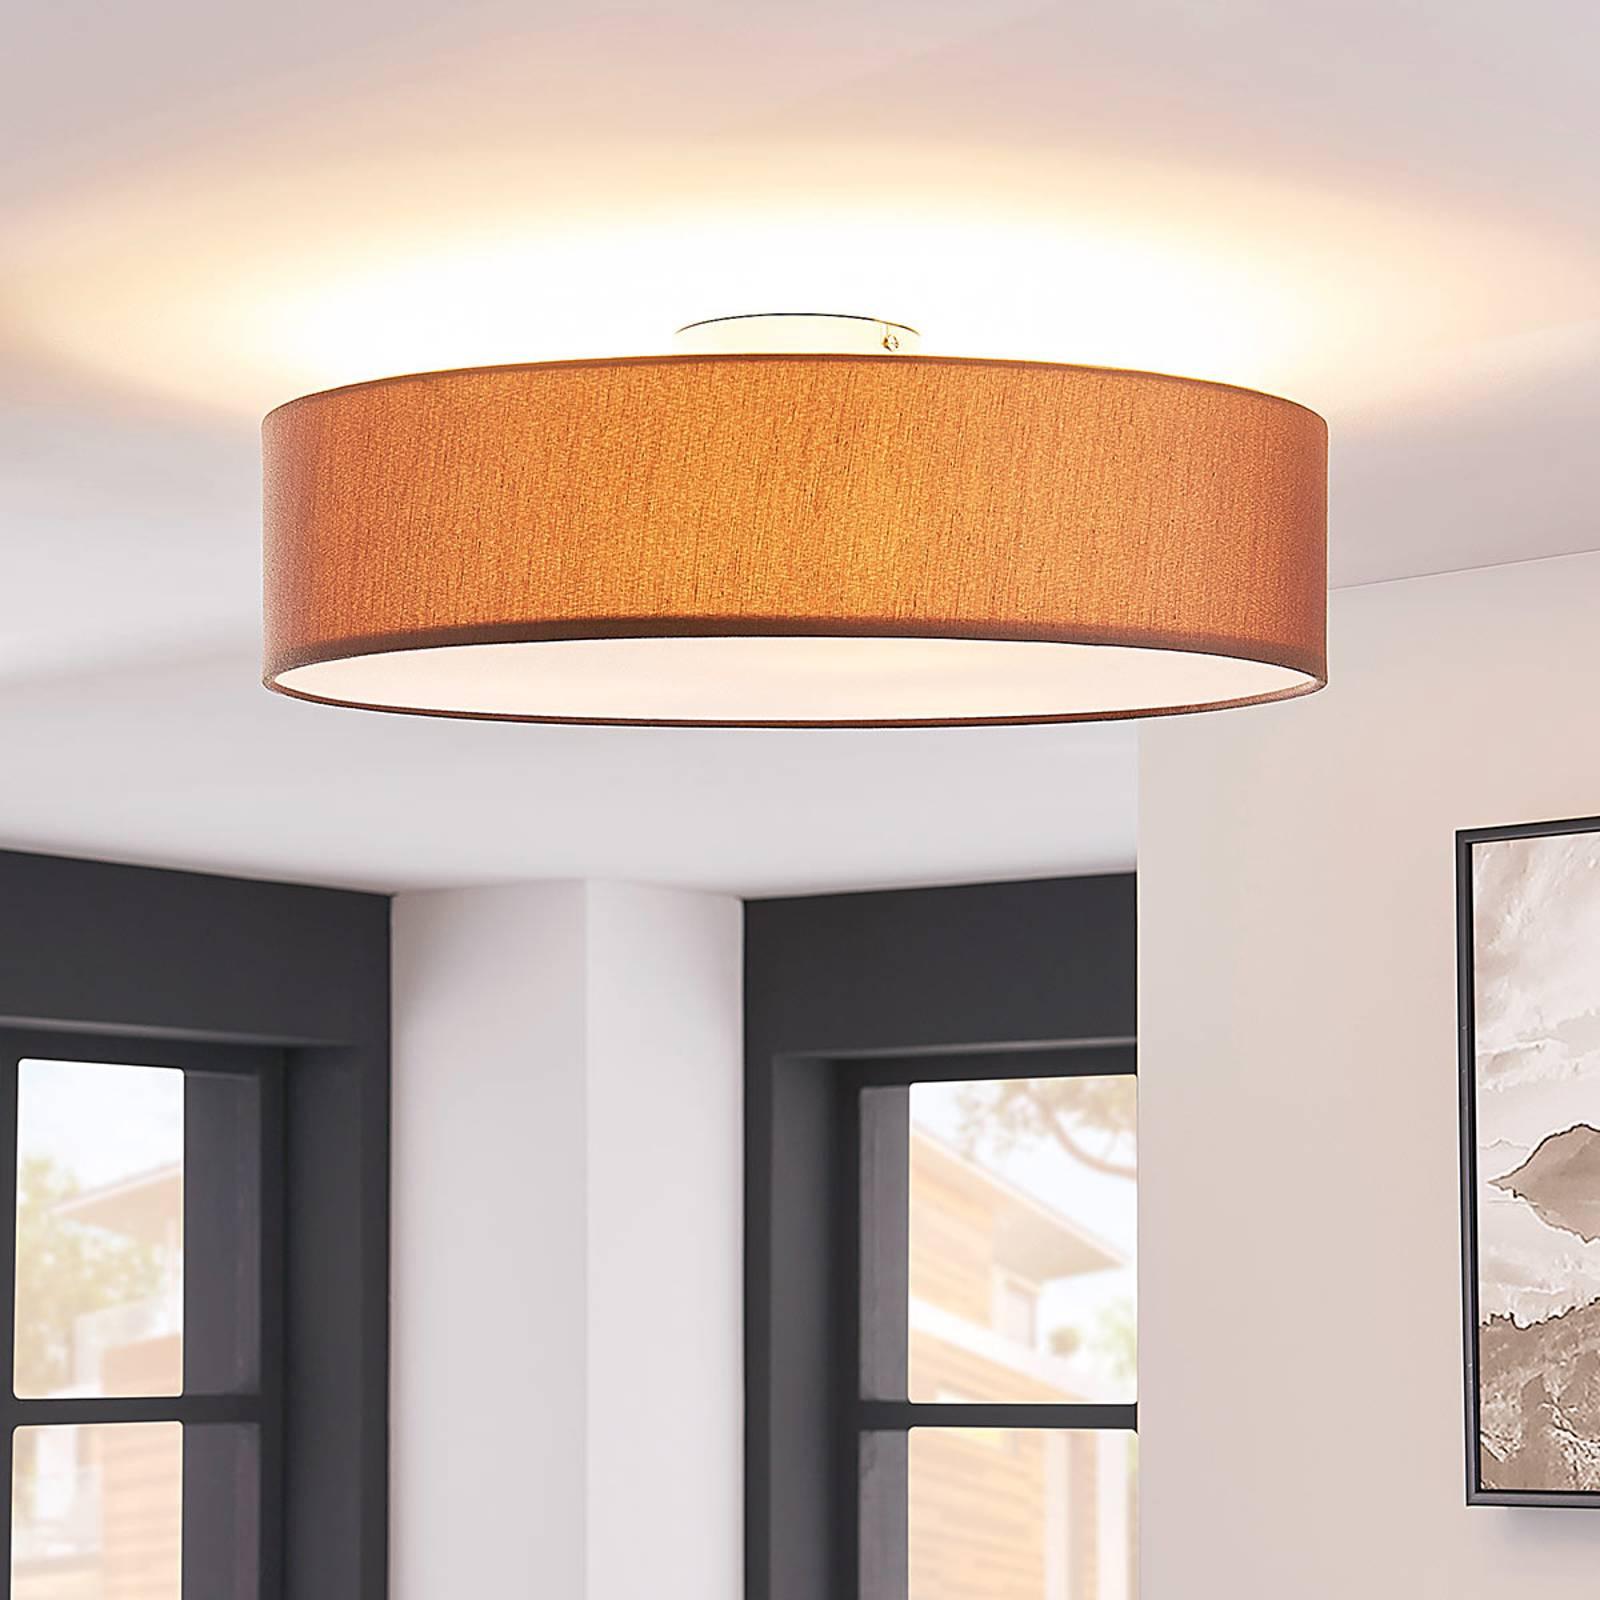 Lampa sufitowa SEBATIN z LED E27, jasnobrąz.